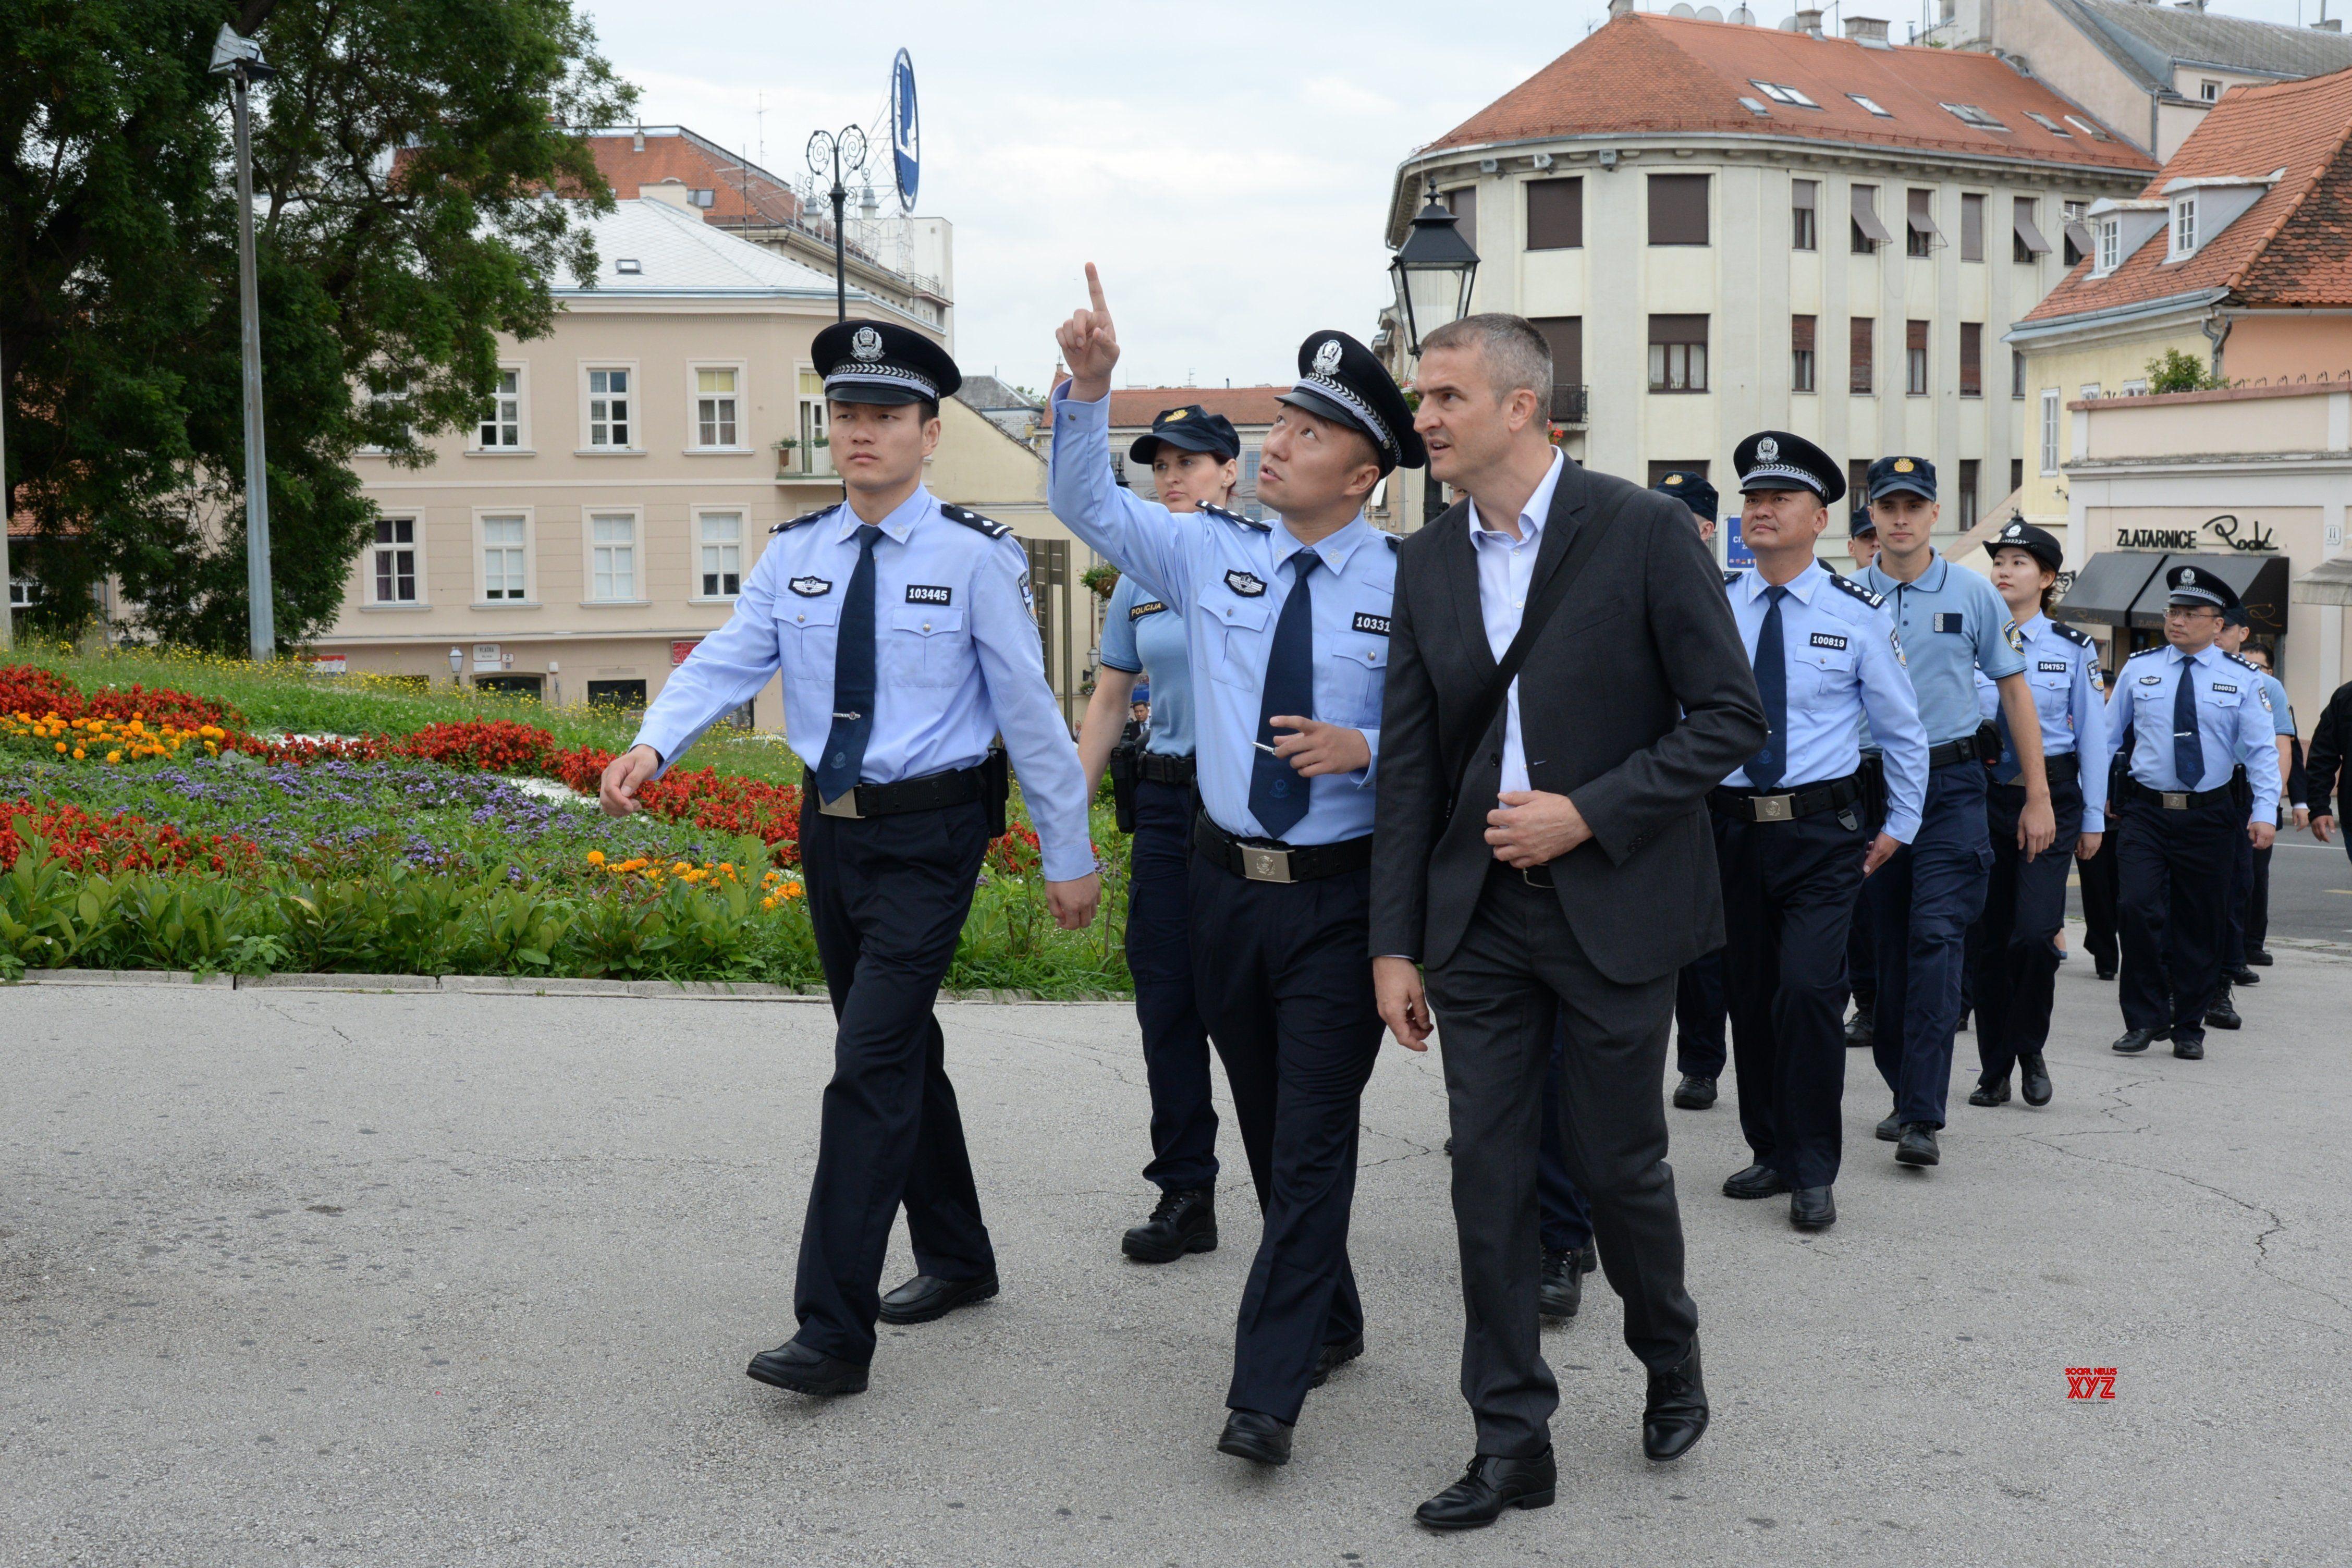 Croatia Zagreb China Police Joint Patrol Gallery Social News Xyz Zagreb Croatia Police